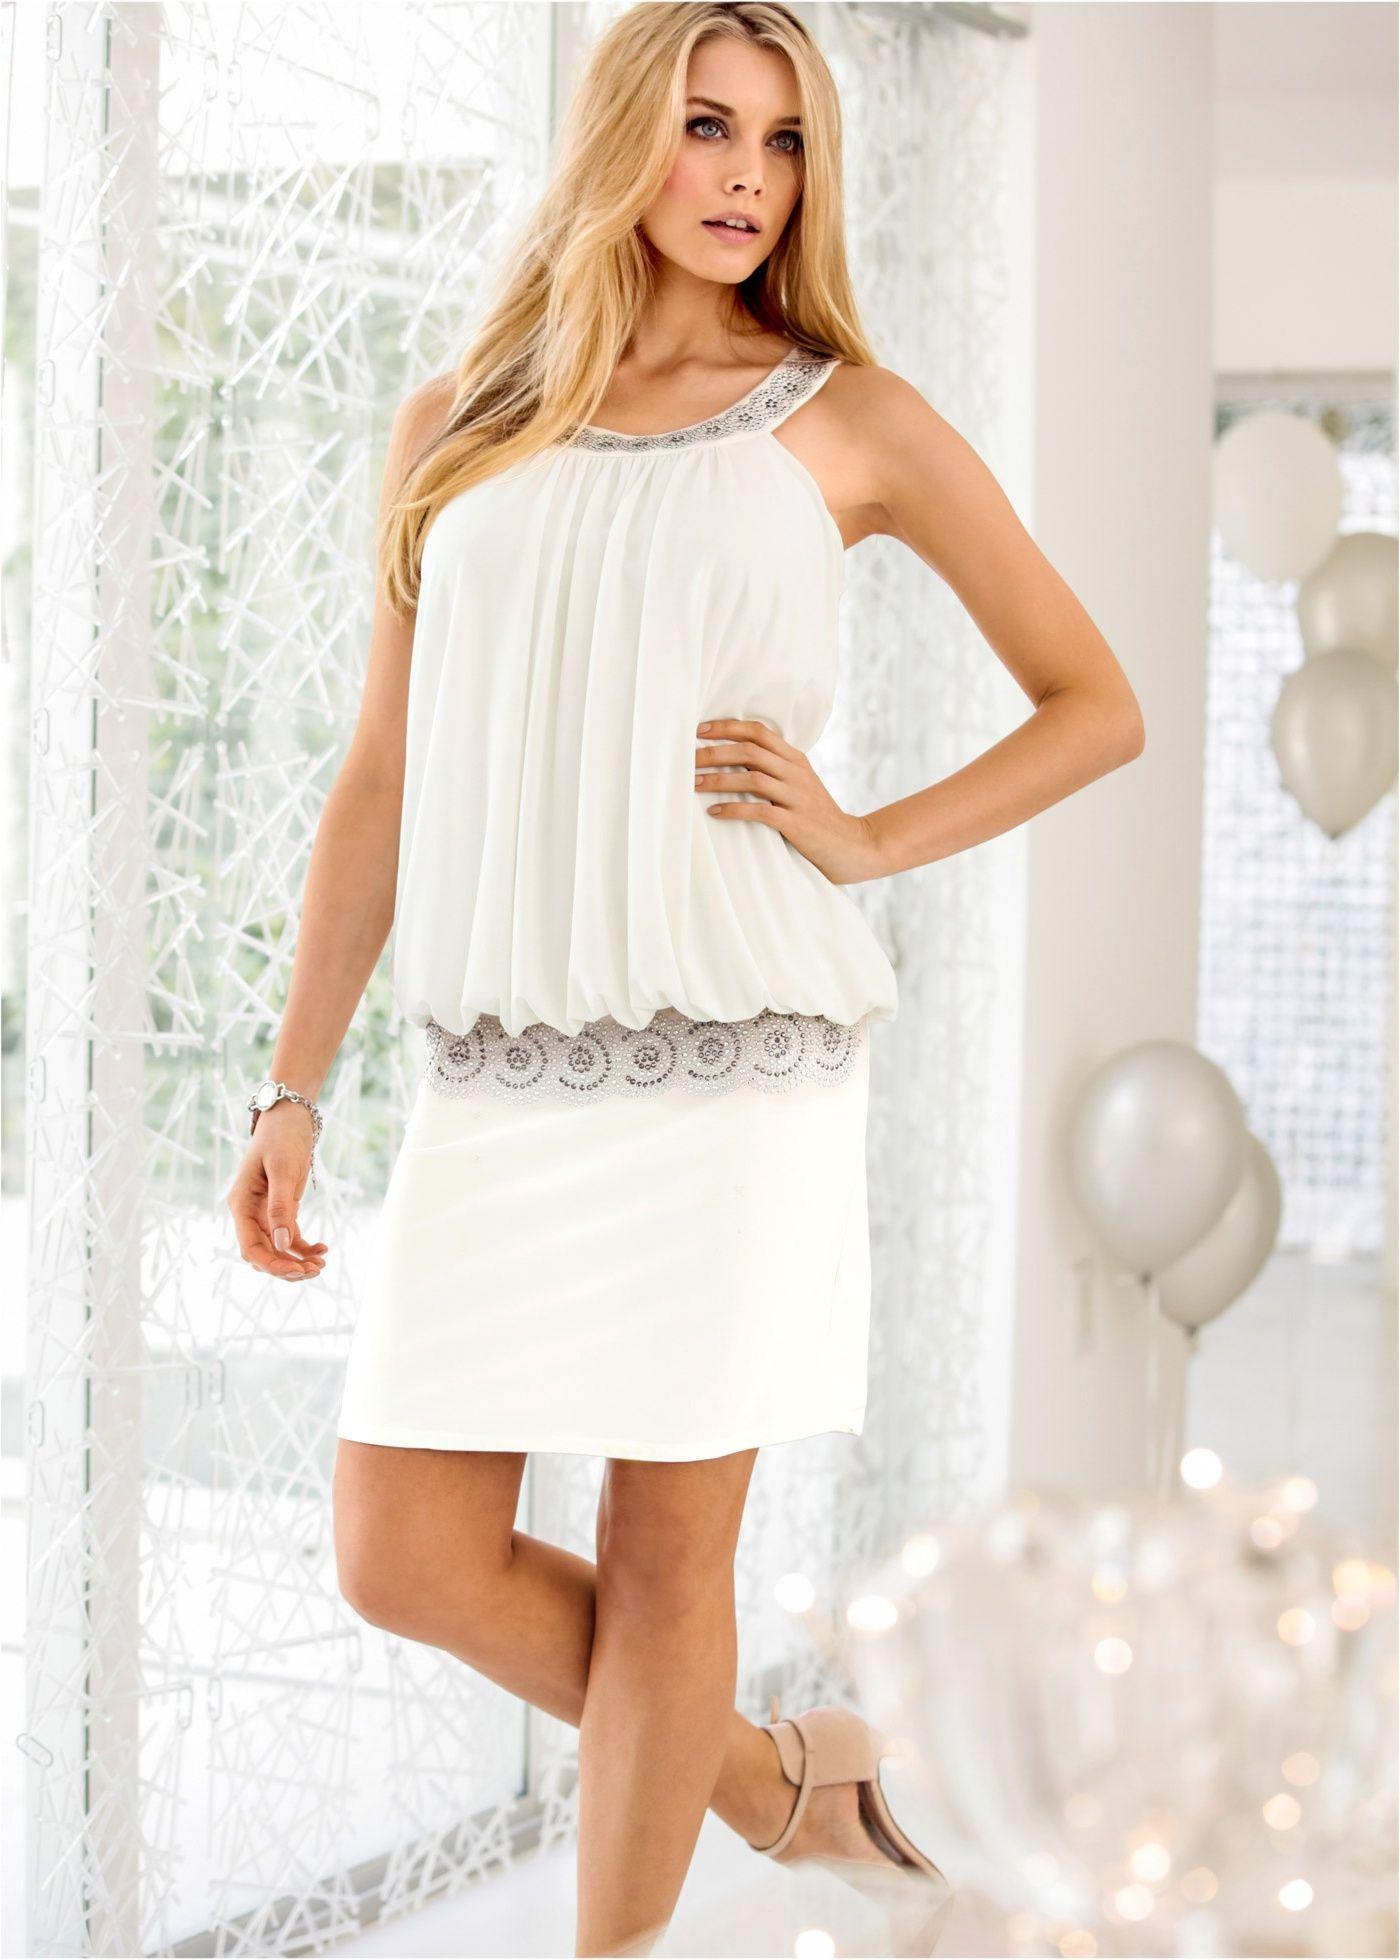 Hinreißendes Cocktail-Kleid mit Schmucksteinen | Cocktails, Online ...